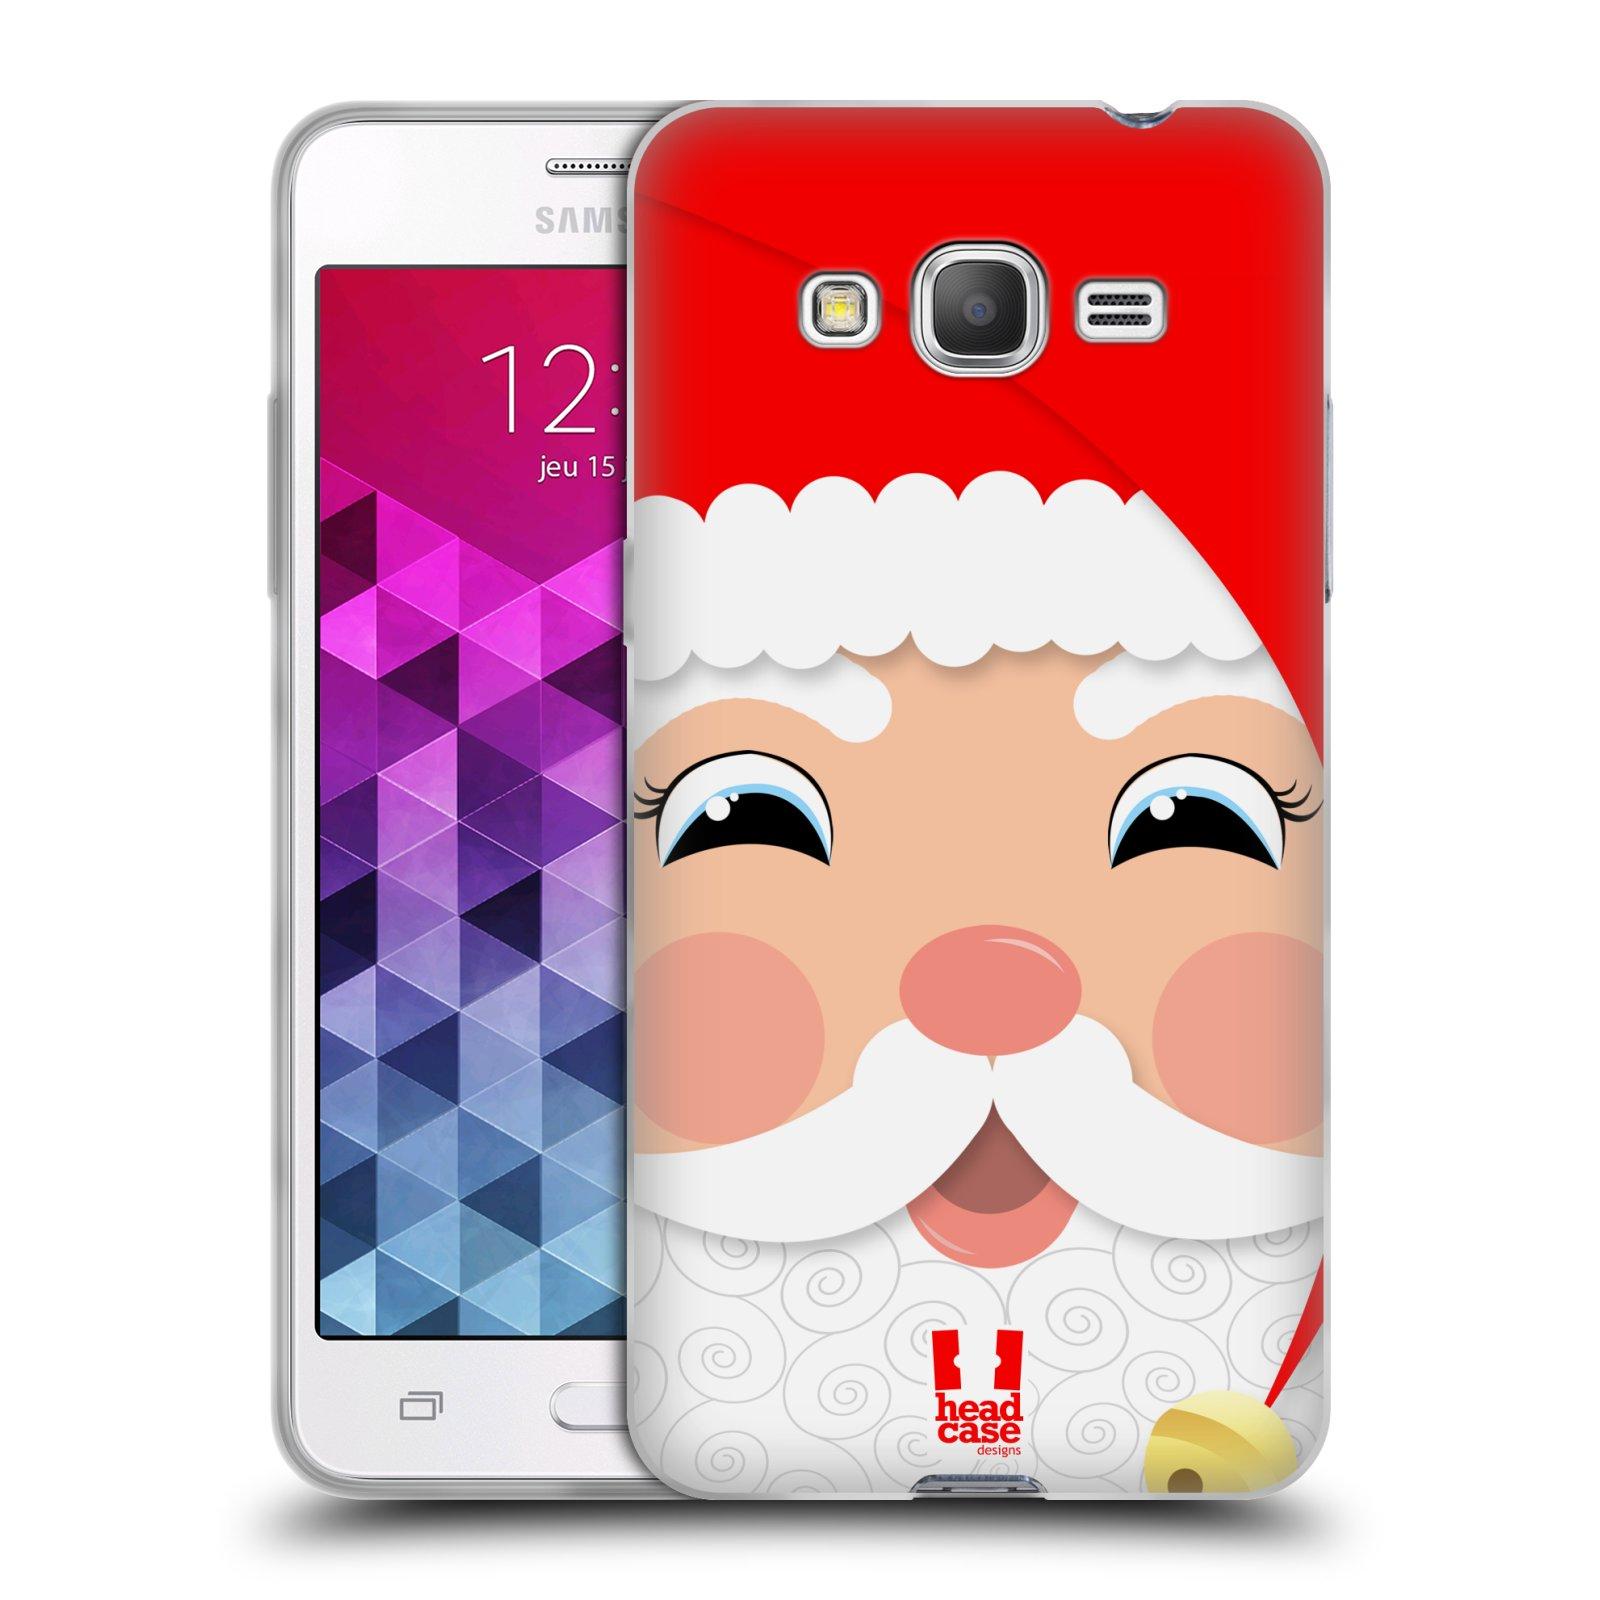 HEAD CASE silikonový obal na mobil Samsung Galaxy GRAND PRIME vzor Vánoční tváře kreslené SANTA CLAUS